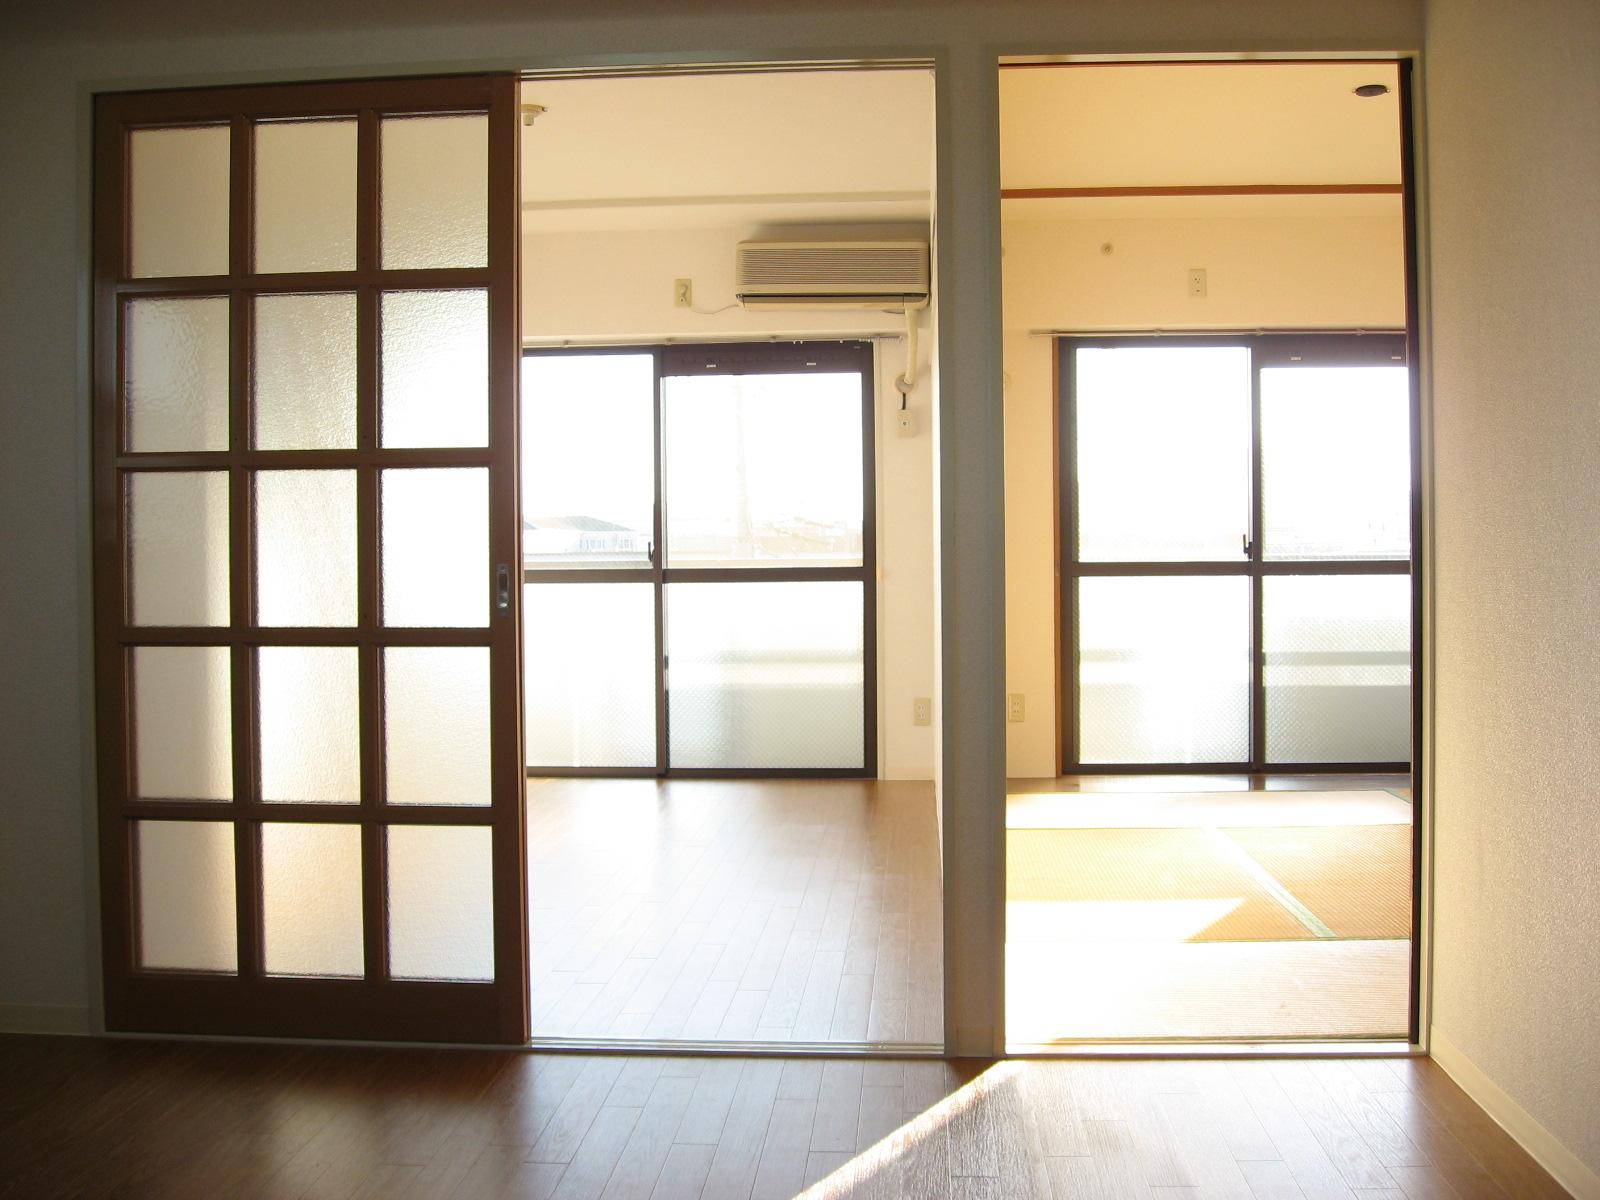 居室・リビング ダイニングから南の洋室と和室を望むと・・・。